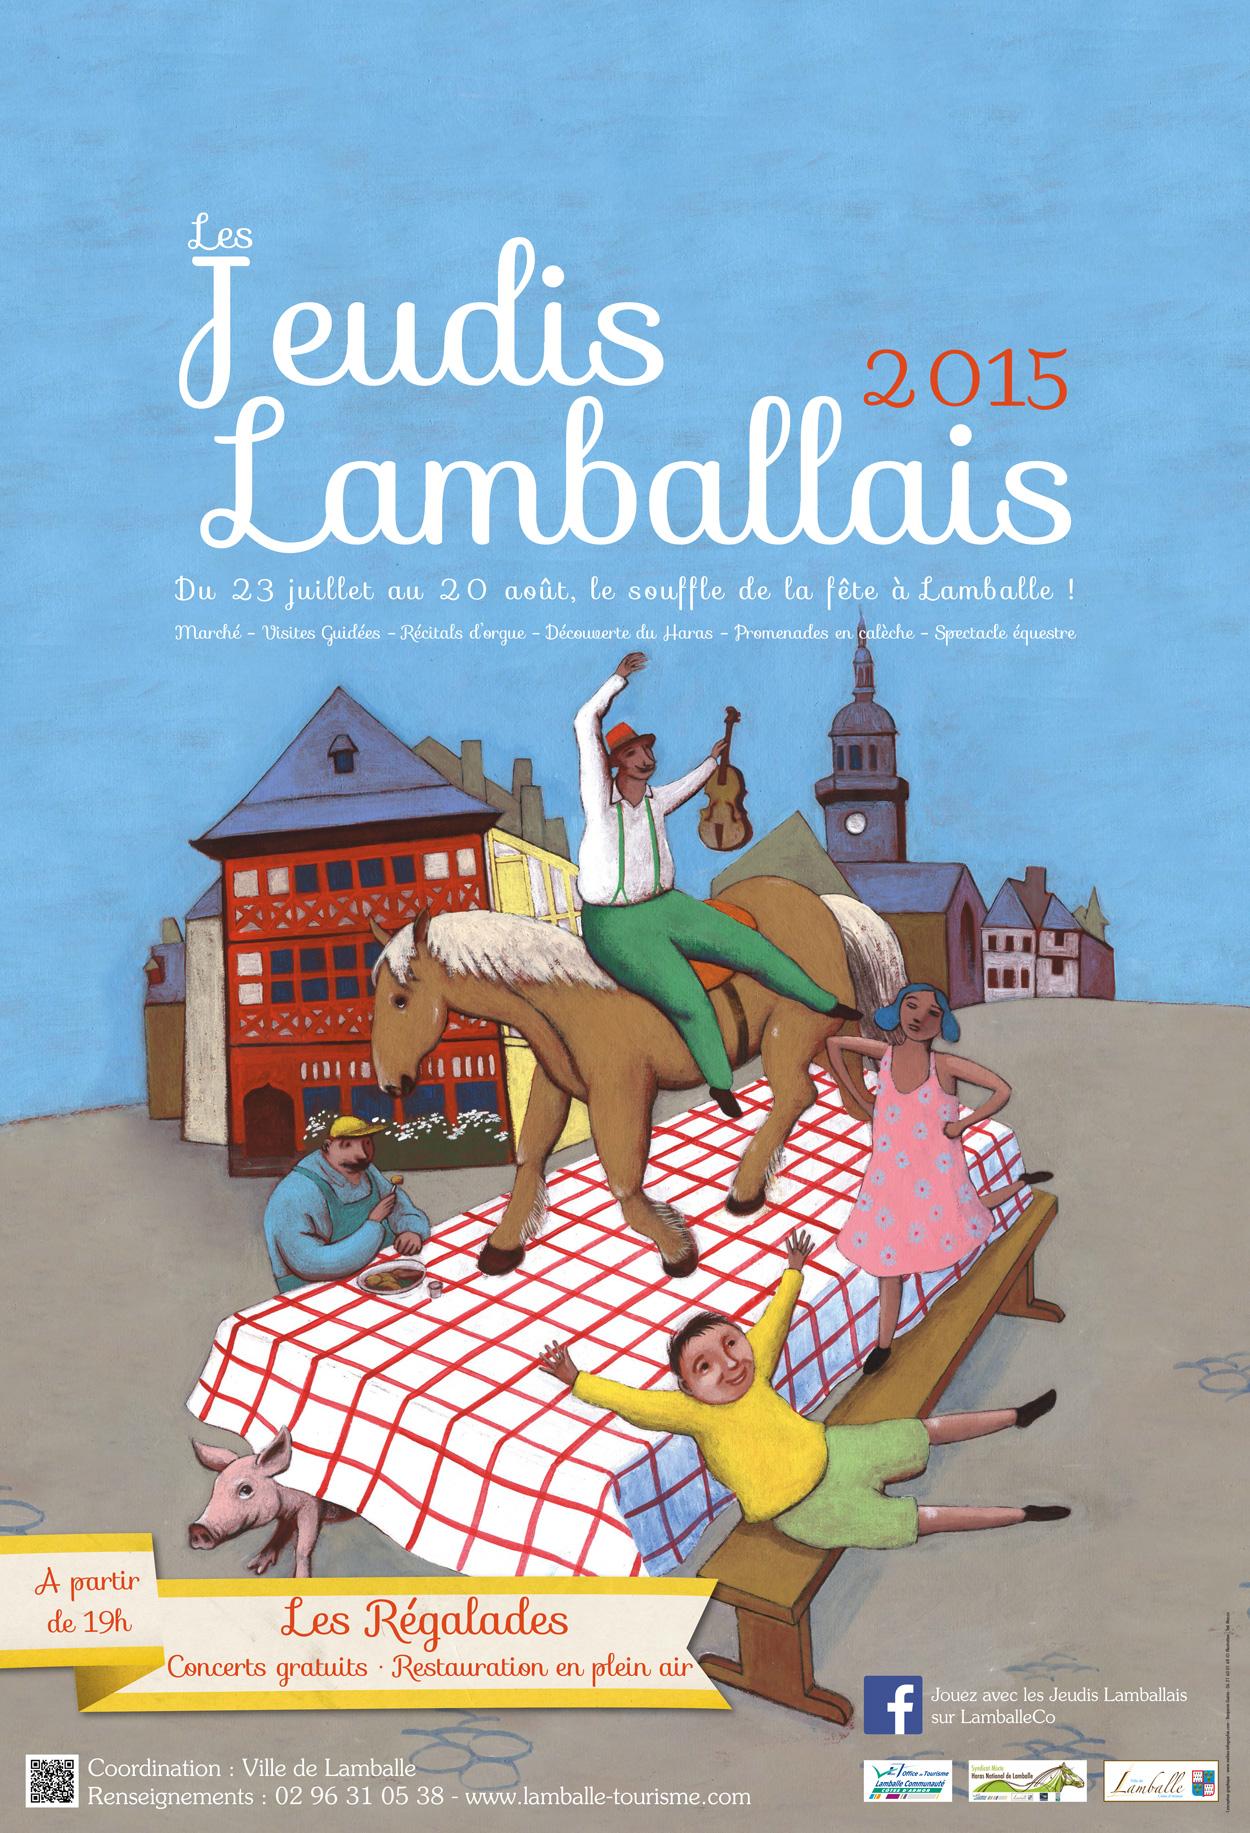 jeudis-lamballais-affiche-120x176cm-portrait-v2-adaptable-web